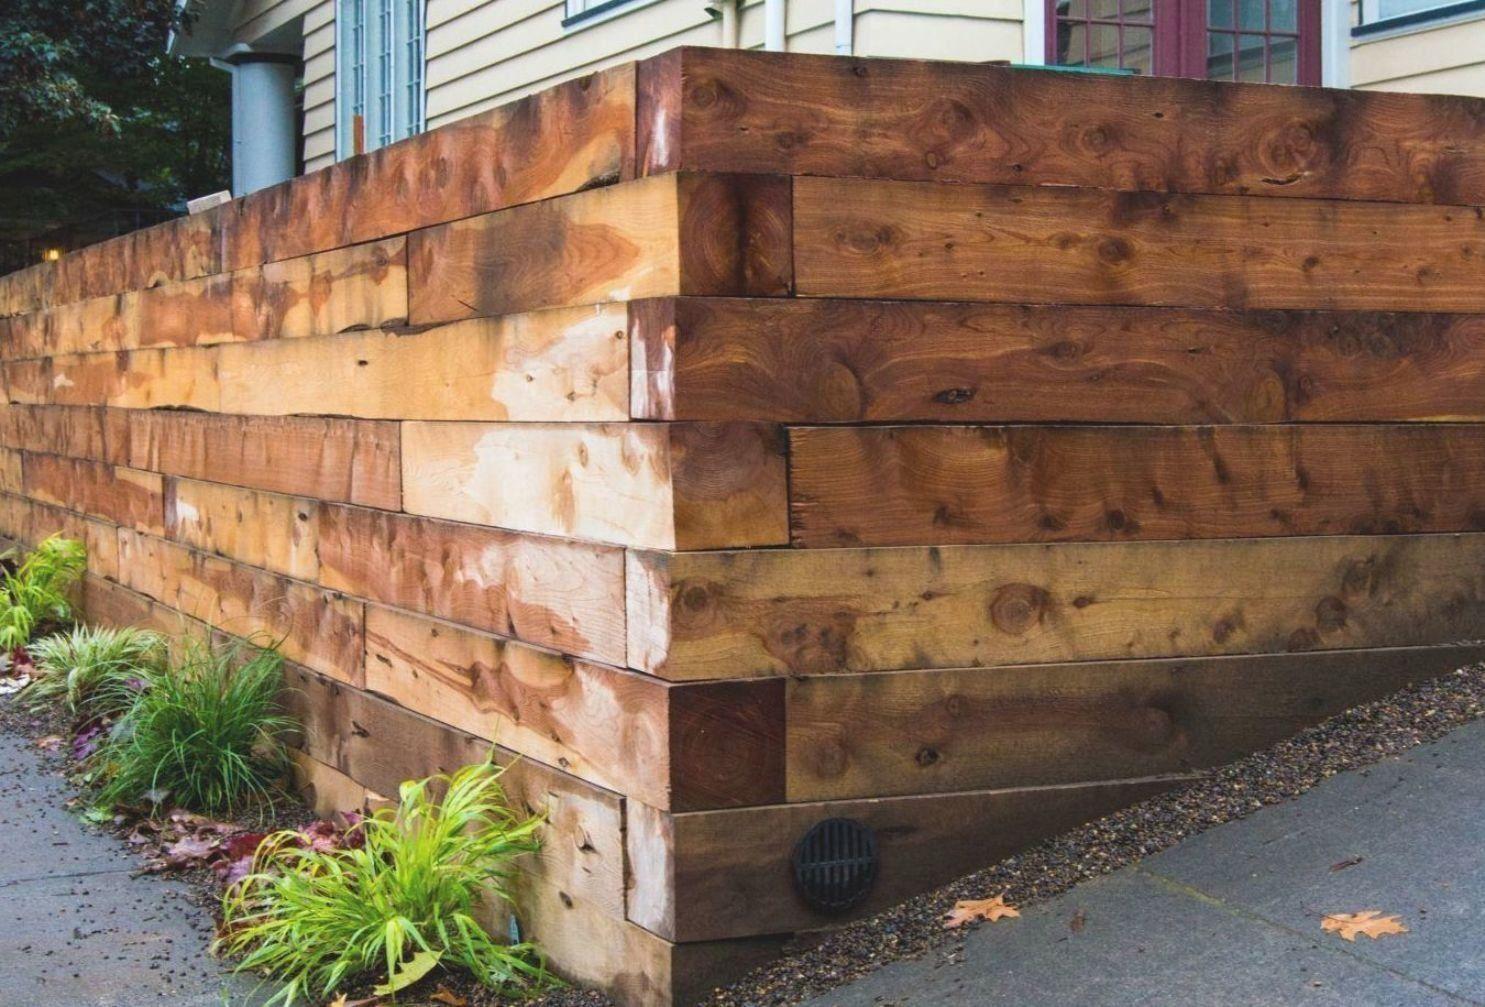 Concrete Retaining Wall Repair Ideas Modern Design 2 In 2020 Concrete Retaining Walls Fence Design Retaining Wall Repair